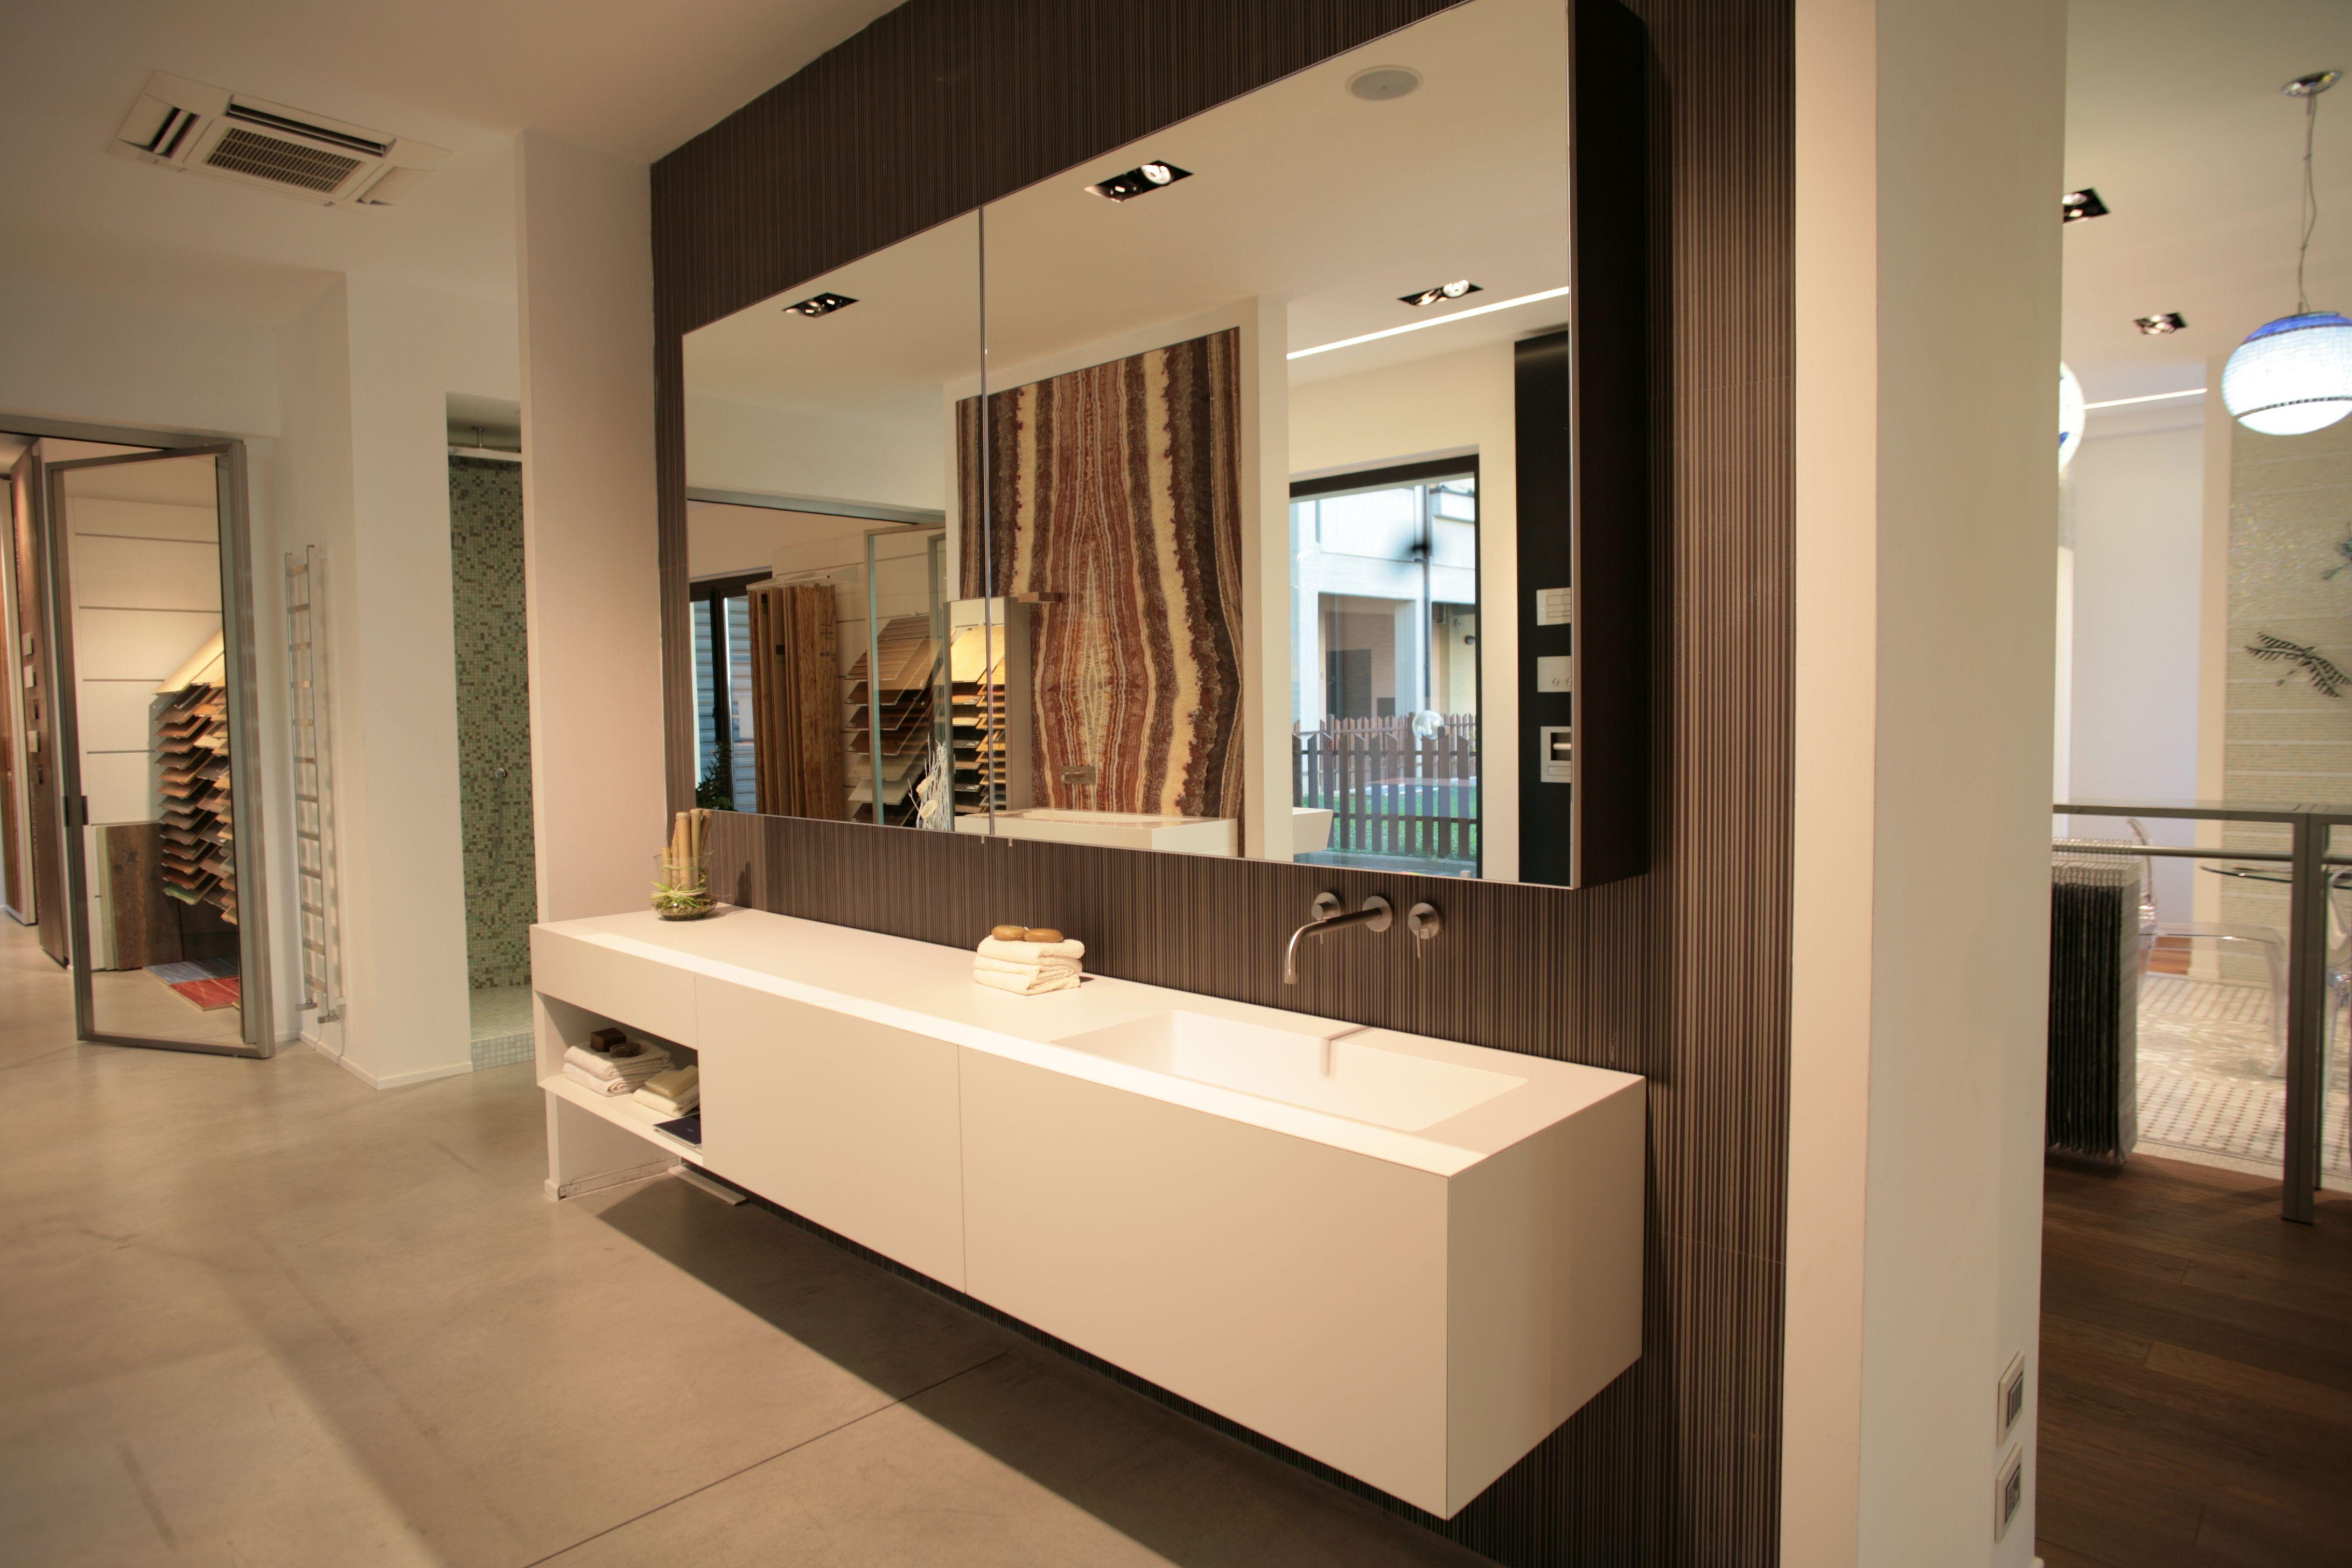 Mobili da bagno, specchio contenitore, top cristalplant, accessori bagno.